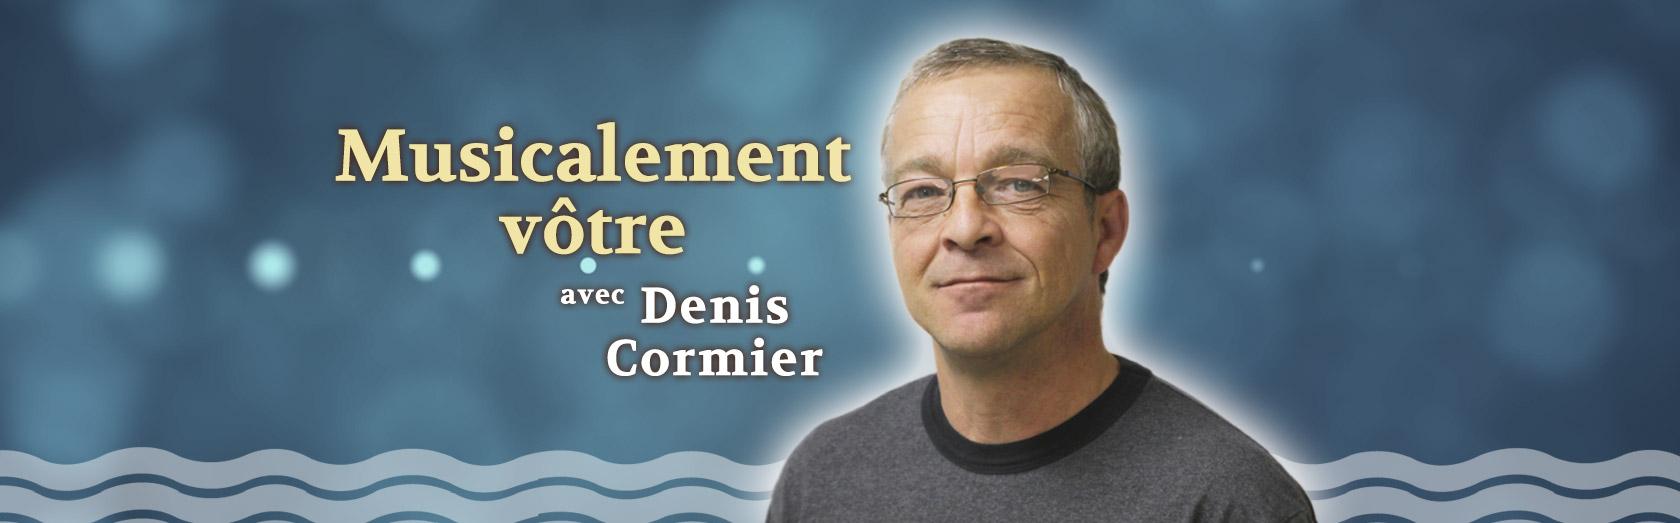 Musicalement vötre avec Denis Cormier